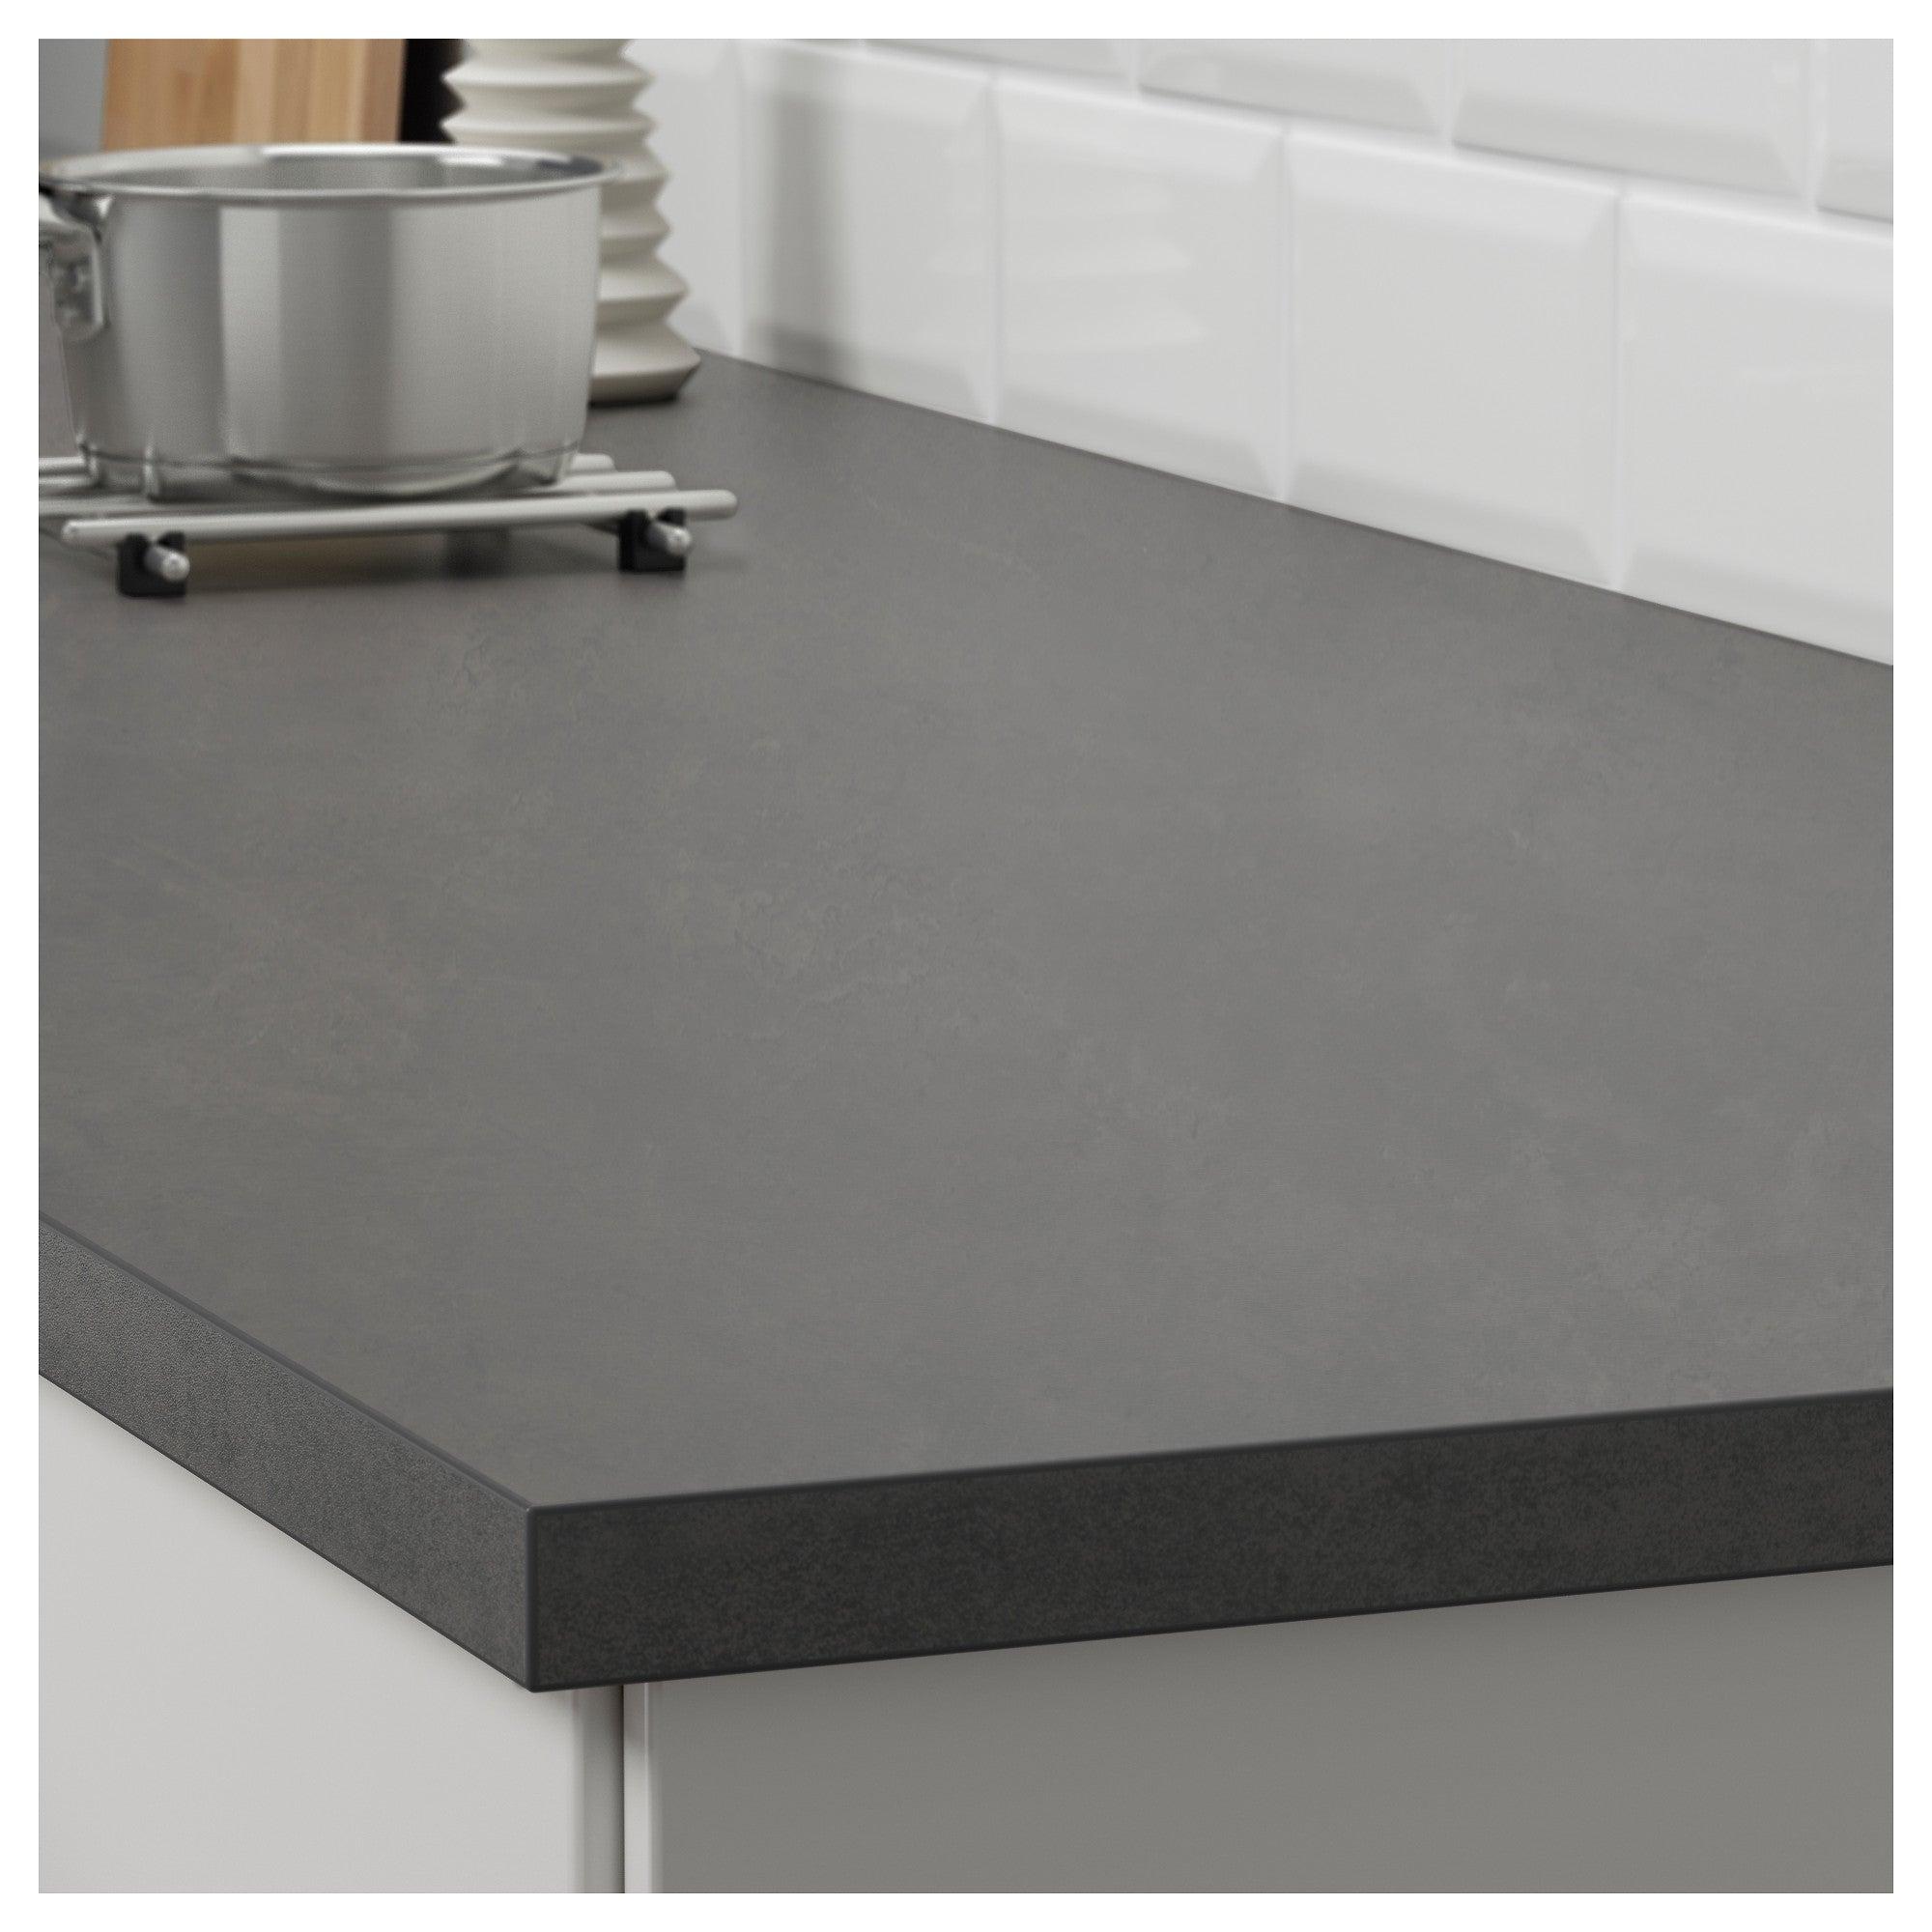 Encimera efecto cemento:EKBACKEN para tu cocina.